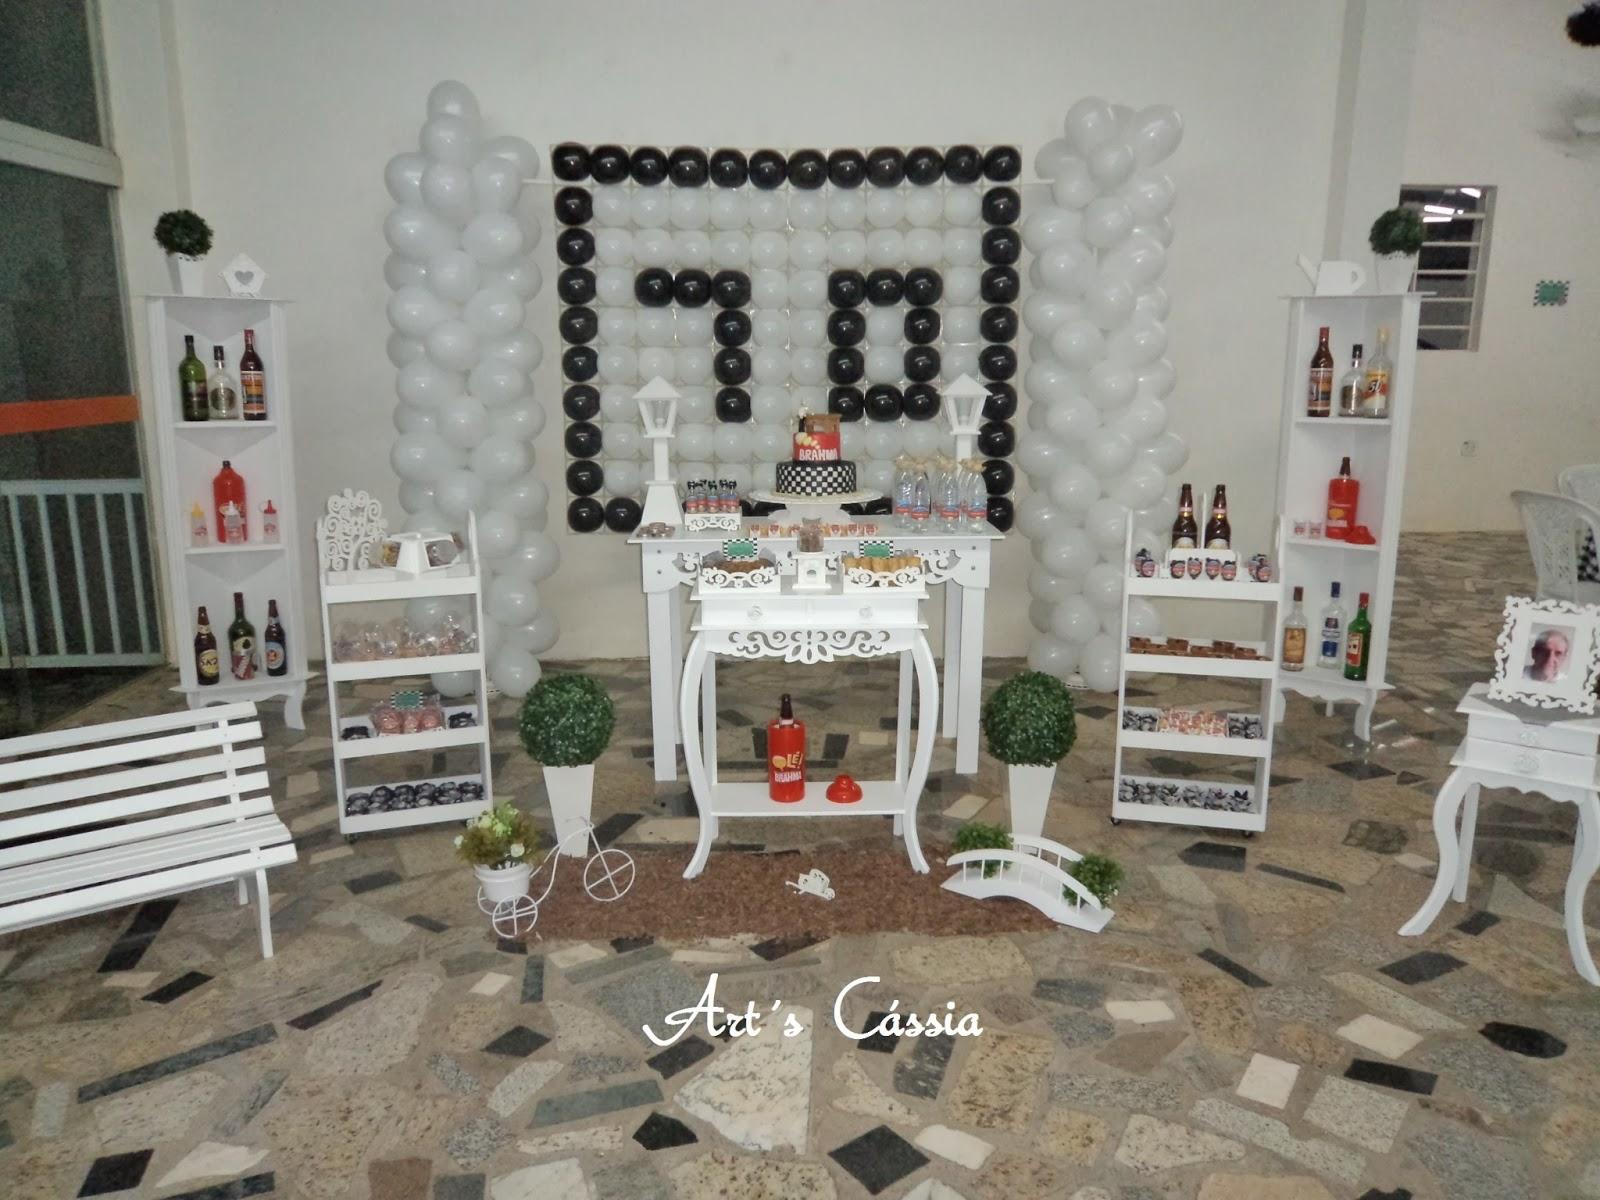 decoracao provencal boteco:Art's Cássia : Decoração Provençal Boteco